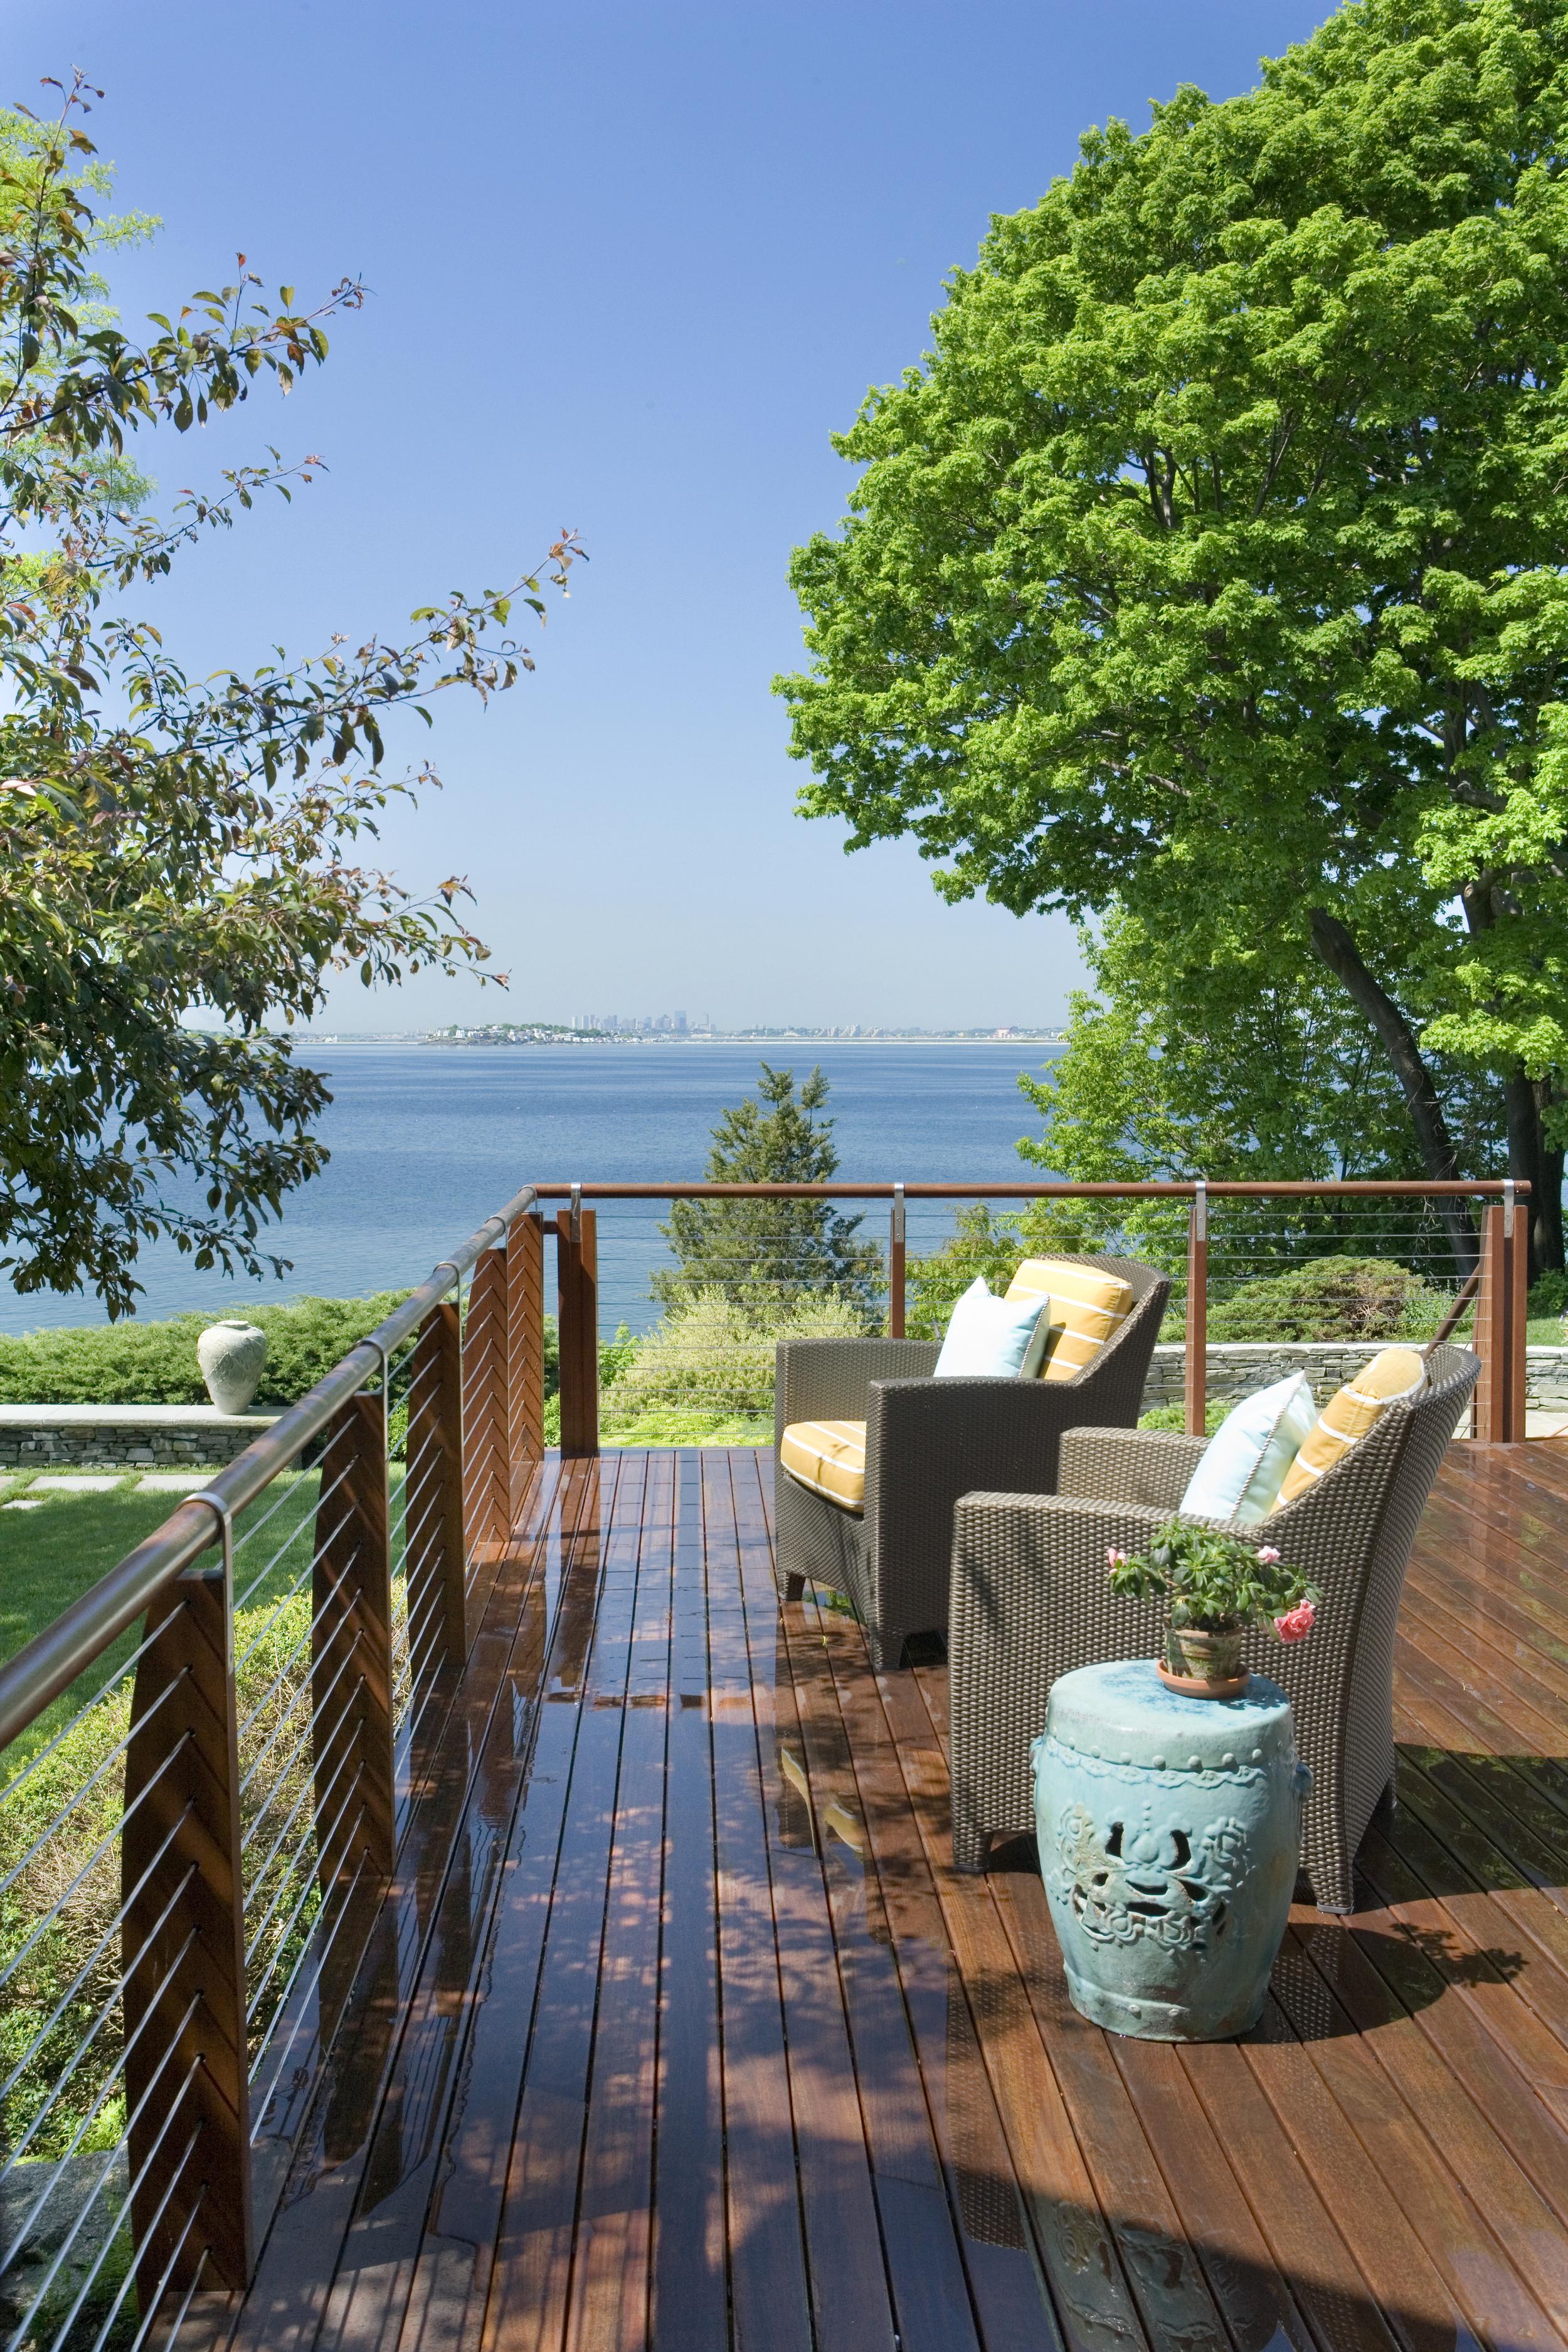 Paul Fiore Schwartz 5 07 deck looking over water.jpg